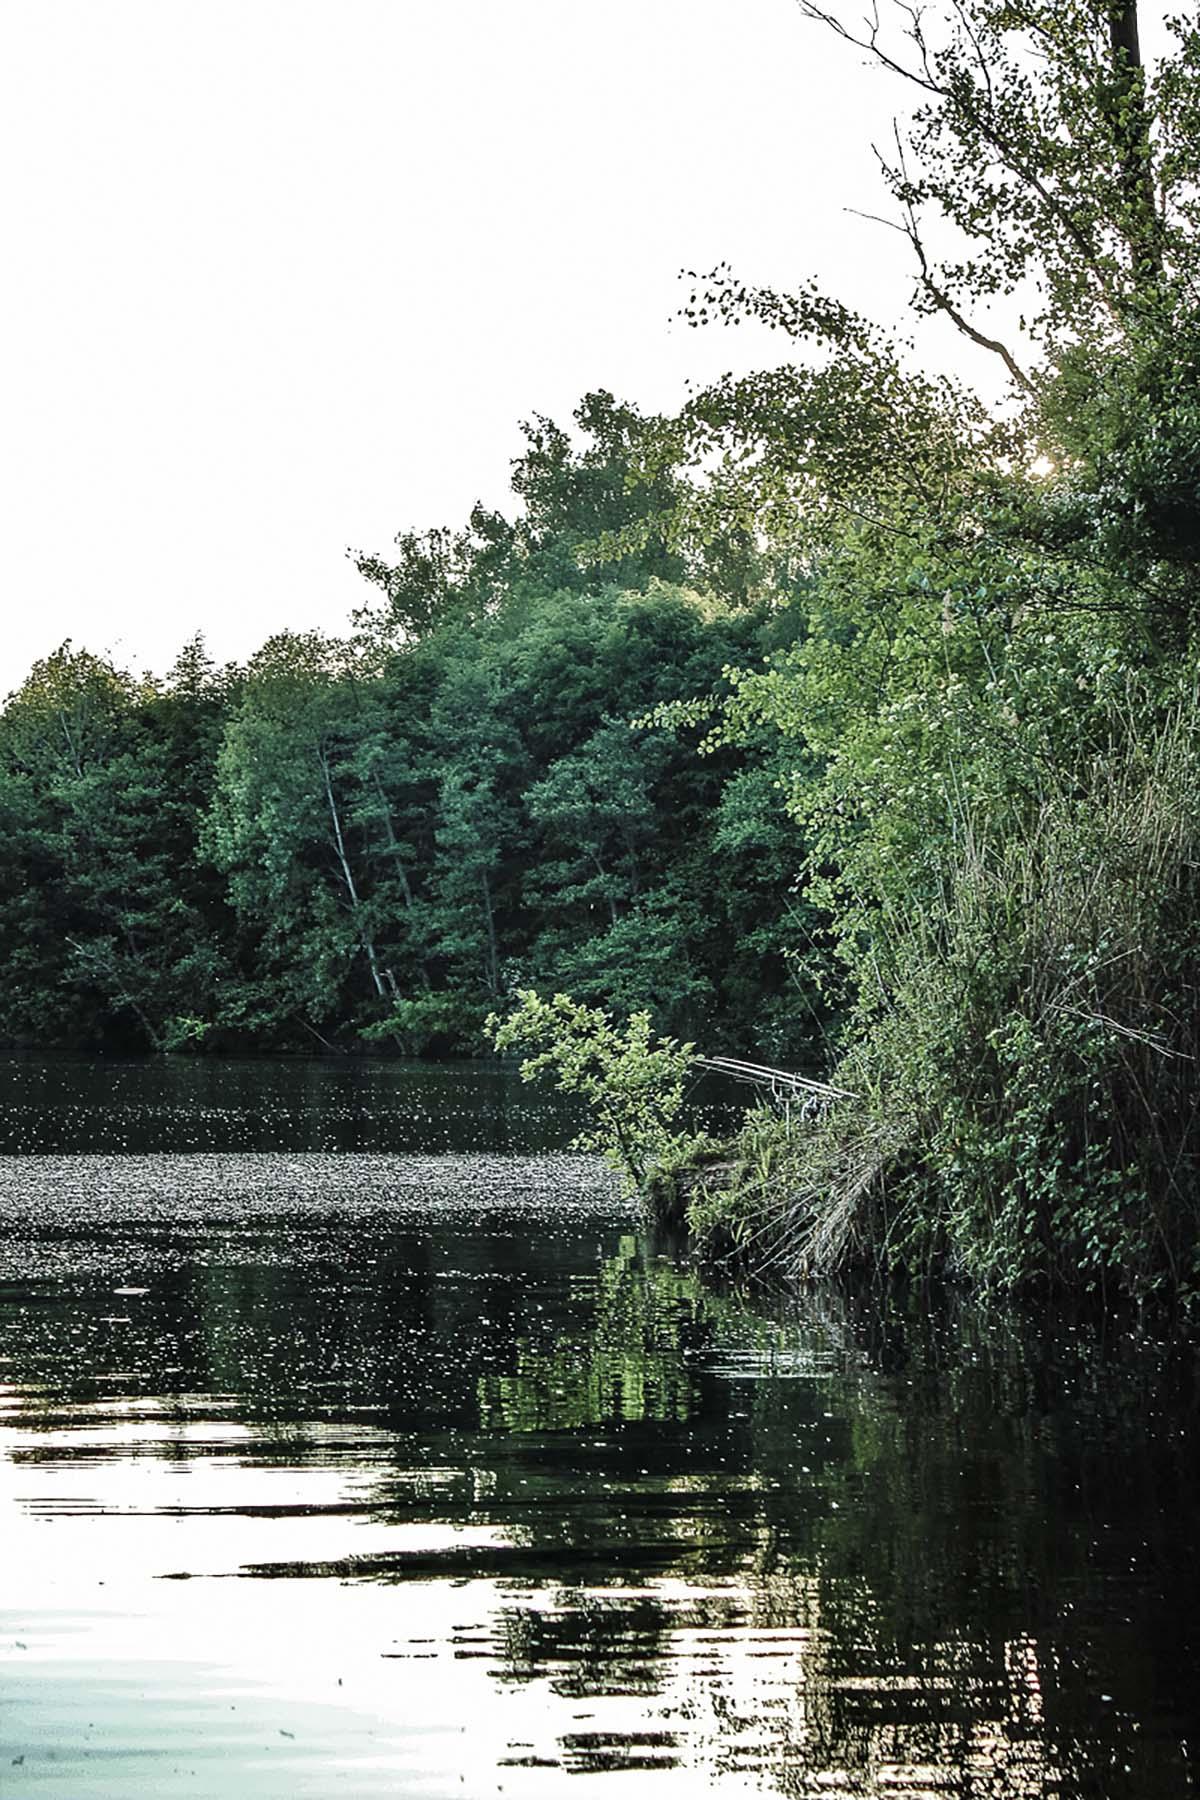 twelveft ausgabe17 christophmuehl 13 - Auf zu neuen Ufern - Teil 1